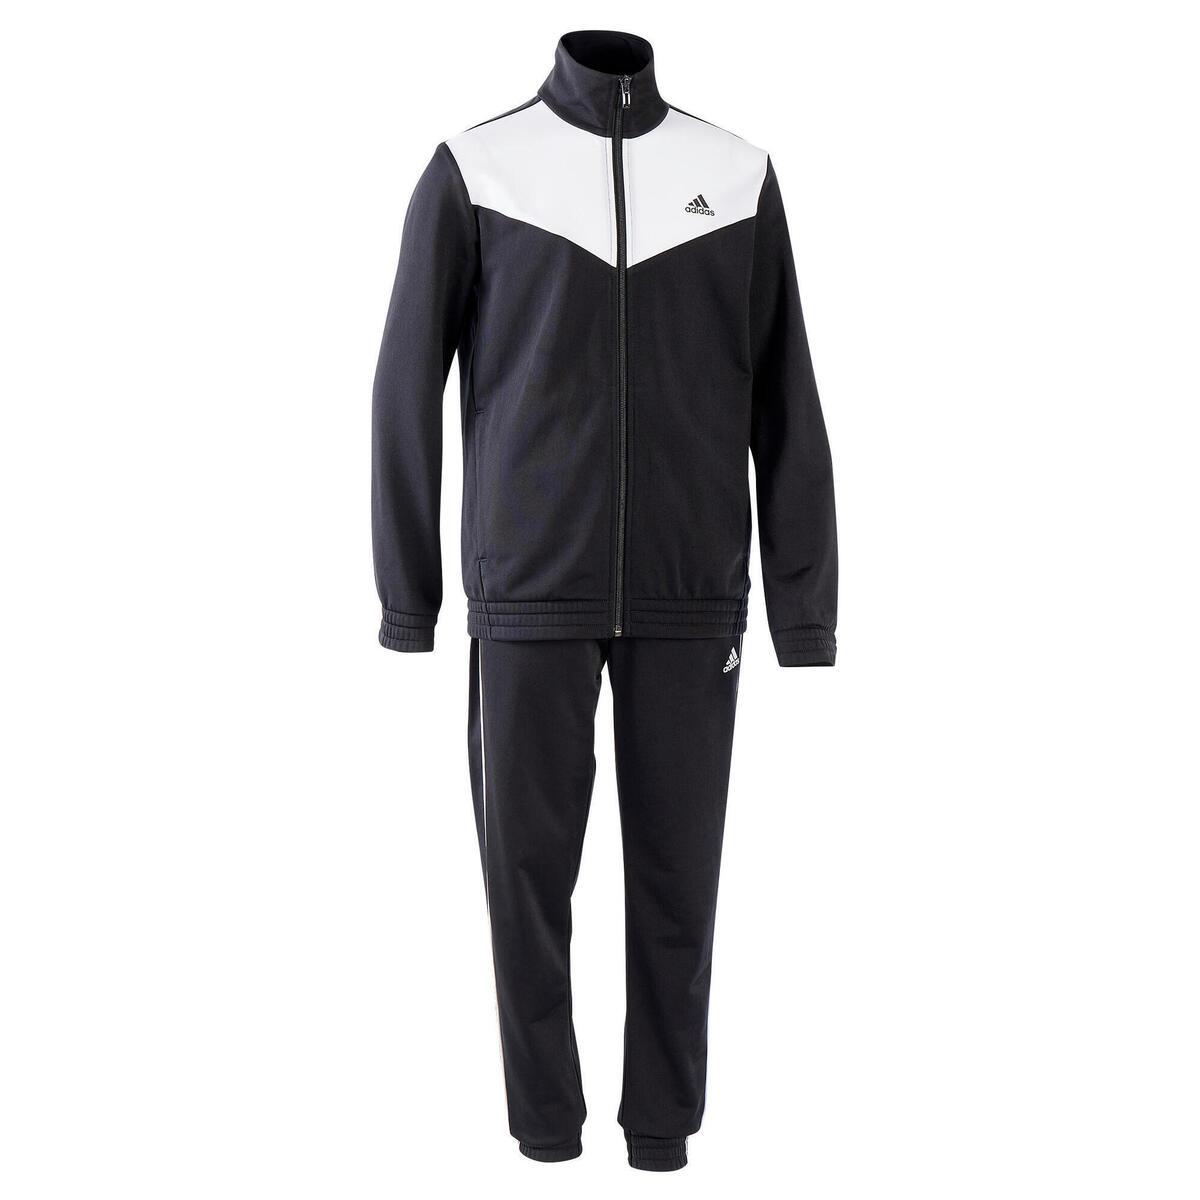 Bild 2 von Trainingsanzug Adidas Kinder schwarz